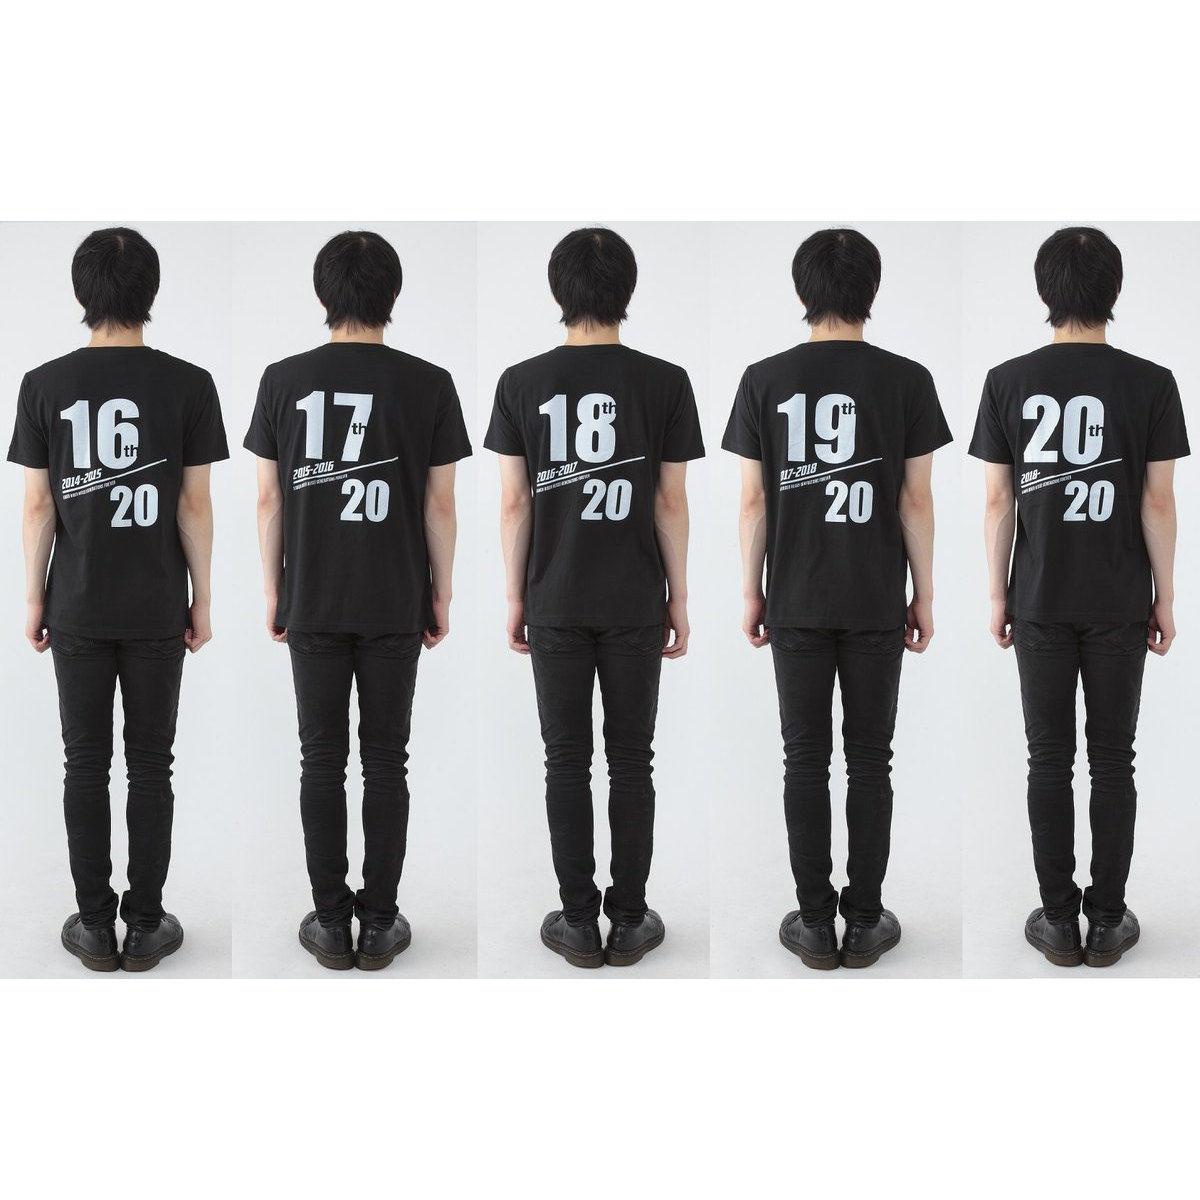 HEISEI RIDER 20th anniversary MOVIE T-shirts